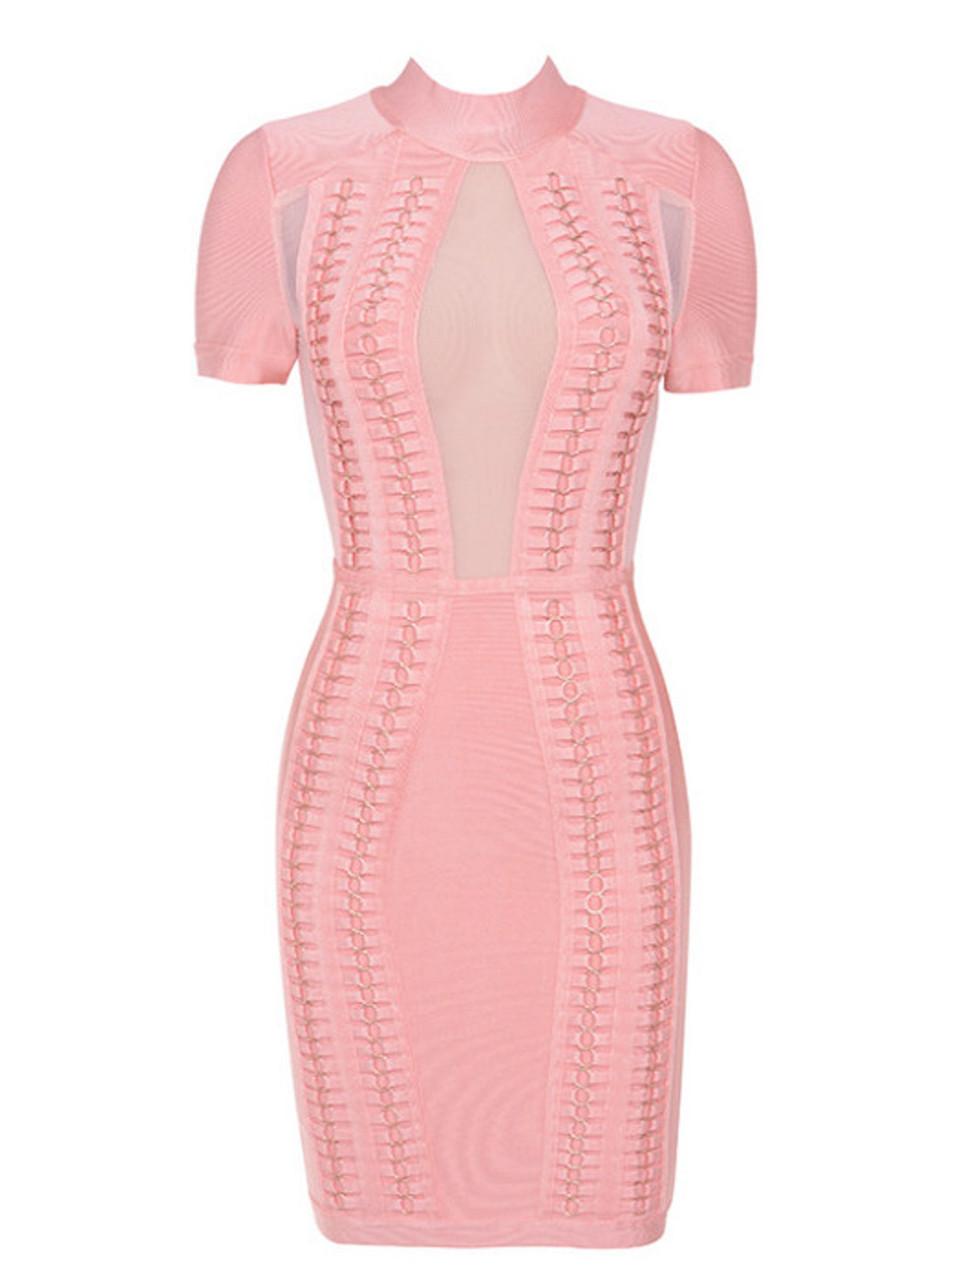 Pink & Mesh Silver Detail Celeb Inspired Bandage Dress